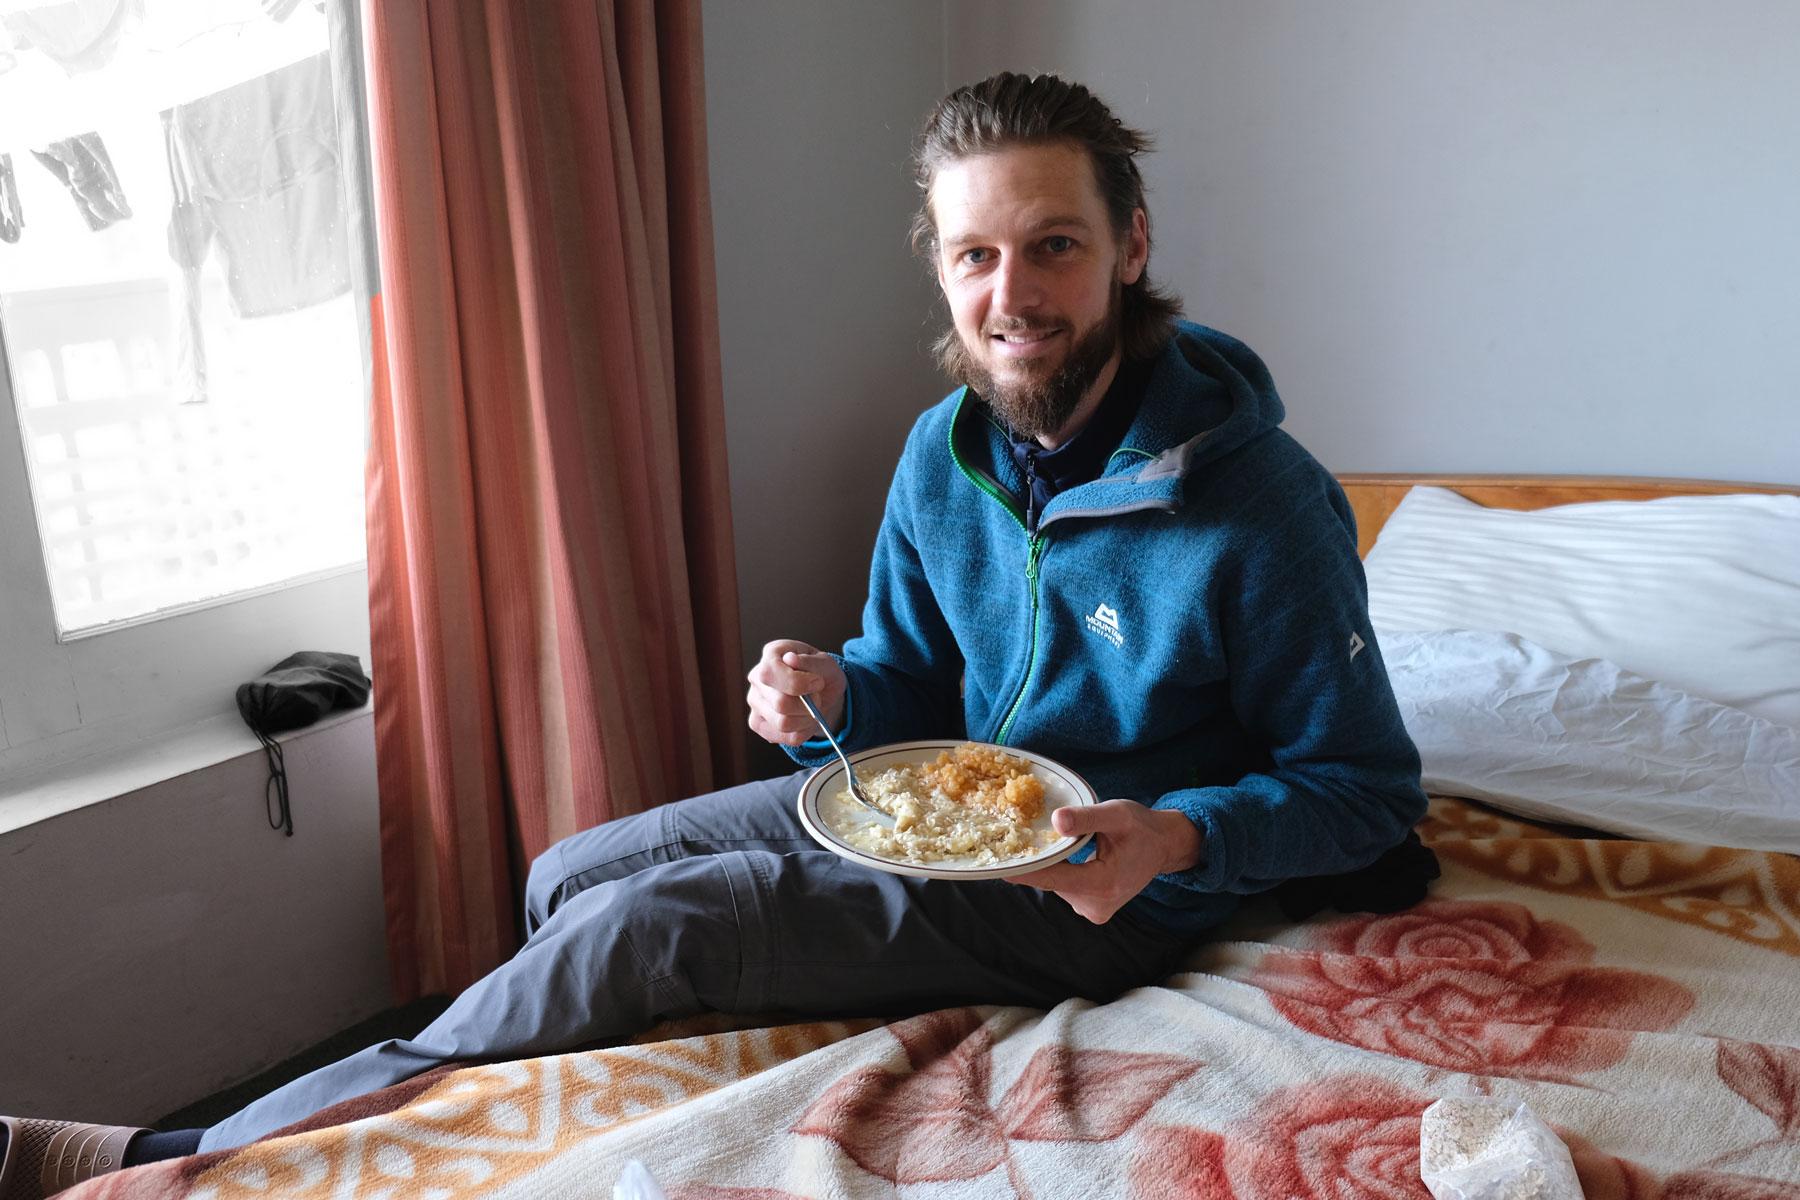 Sebastian sitzt auf einem Bett und hält einen Teller mit einem Brei aus Äpfeln und Bananen in der Hand.